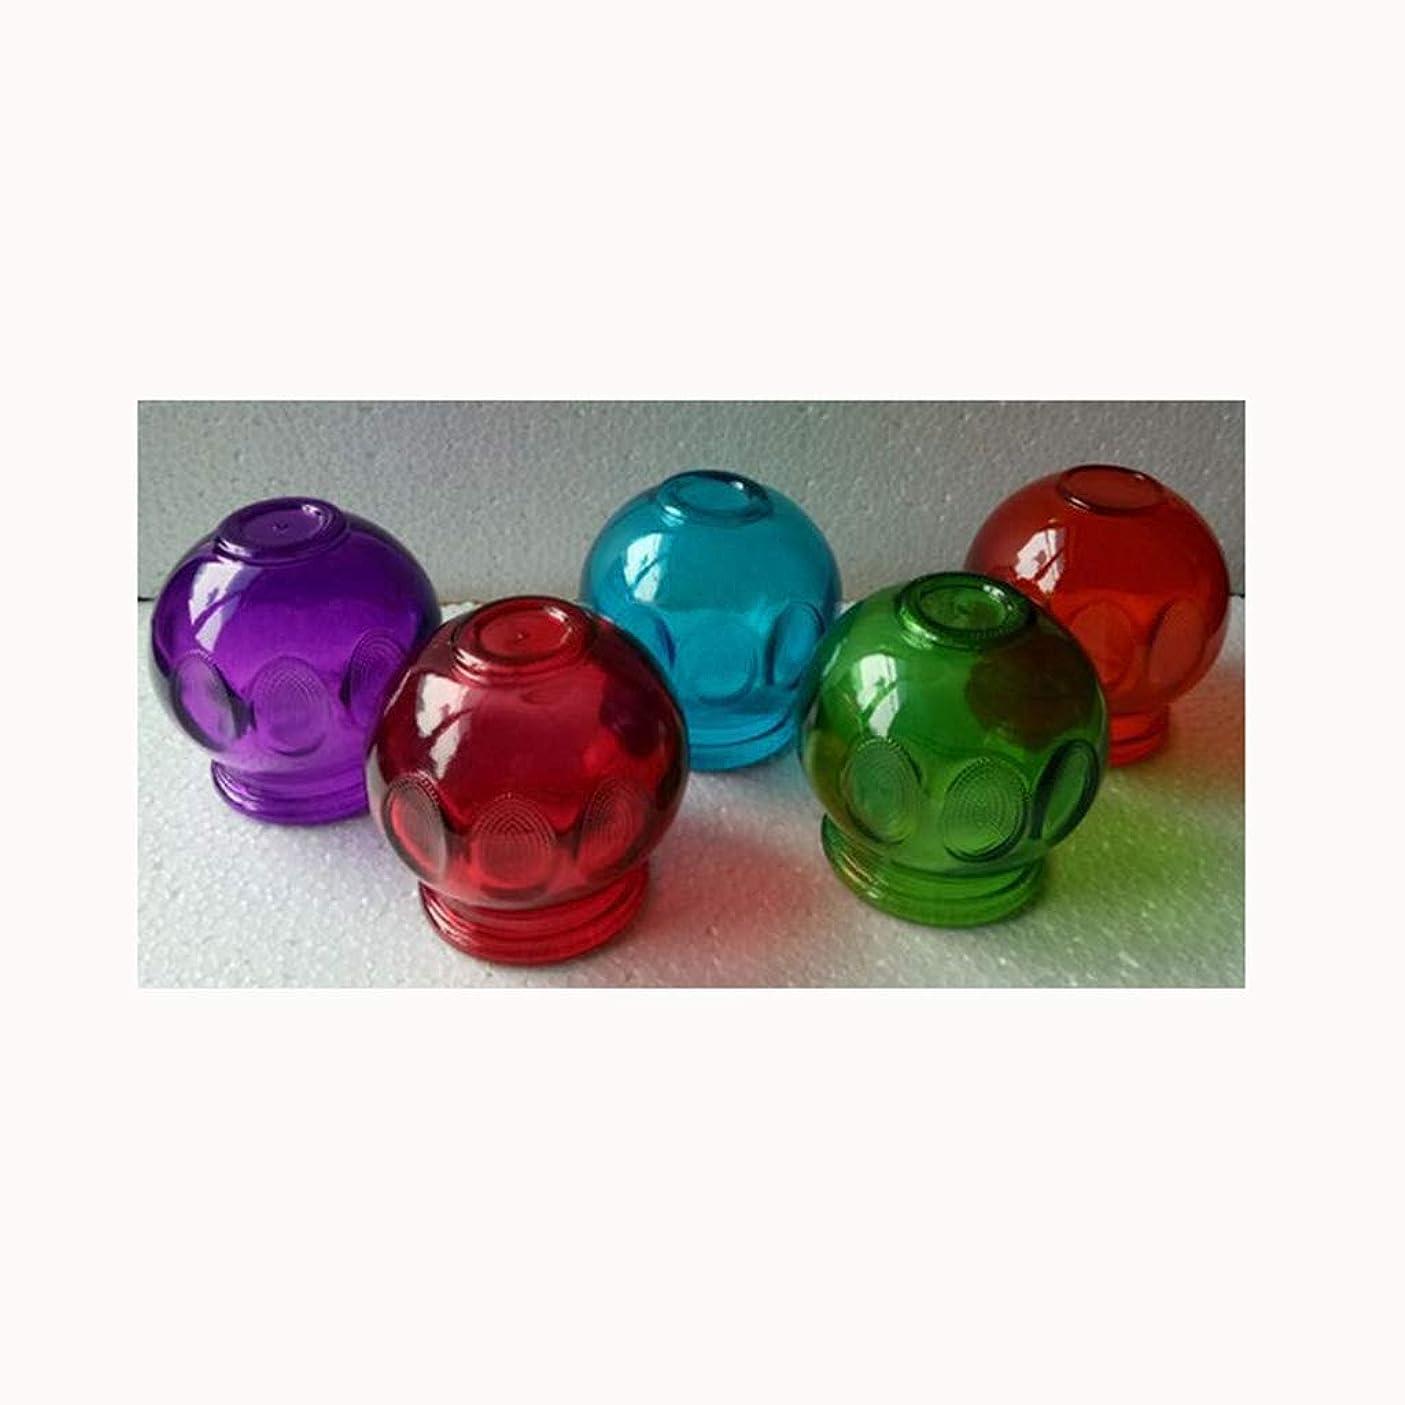 油アトムデジタル5pcs伝統的な中国の手作り5色のガラスのカッピングは、火のカッピングを設定する